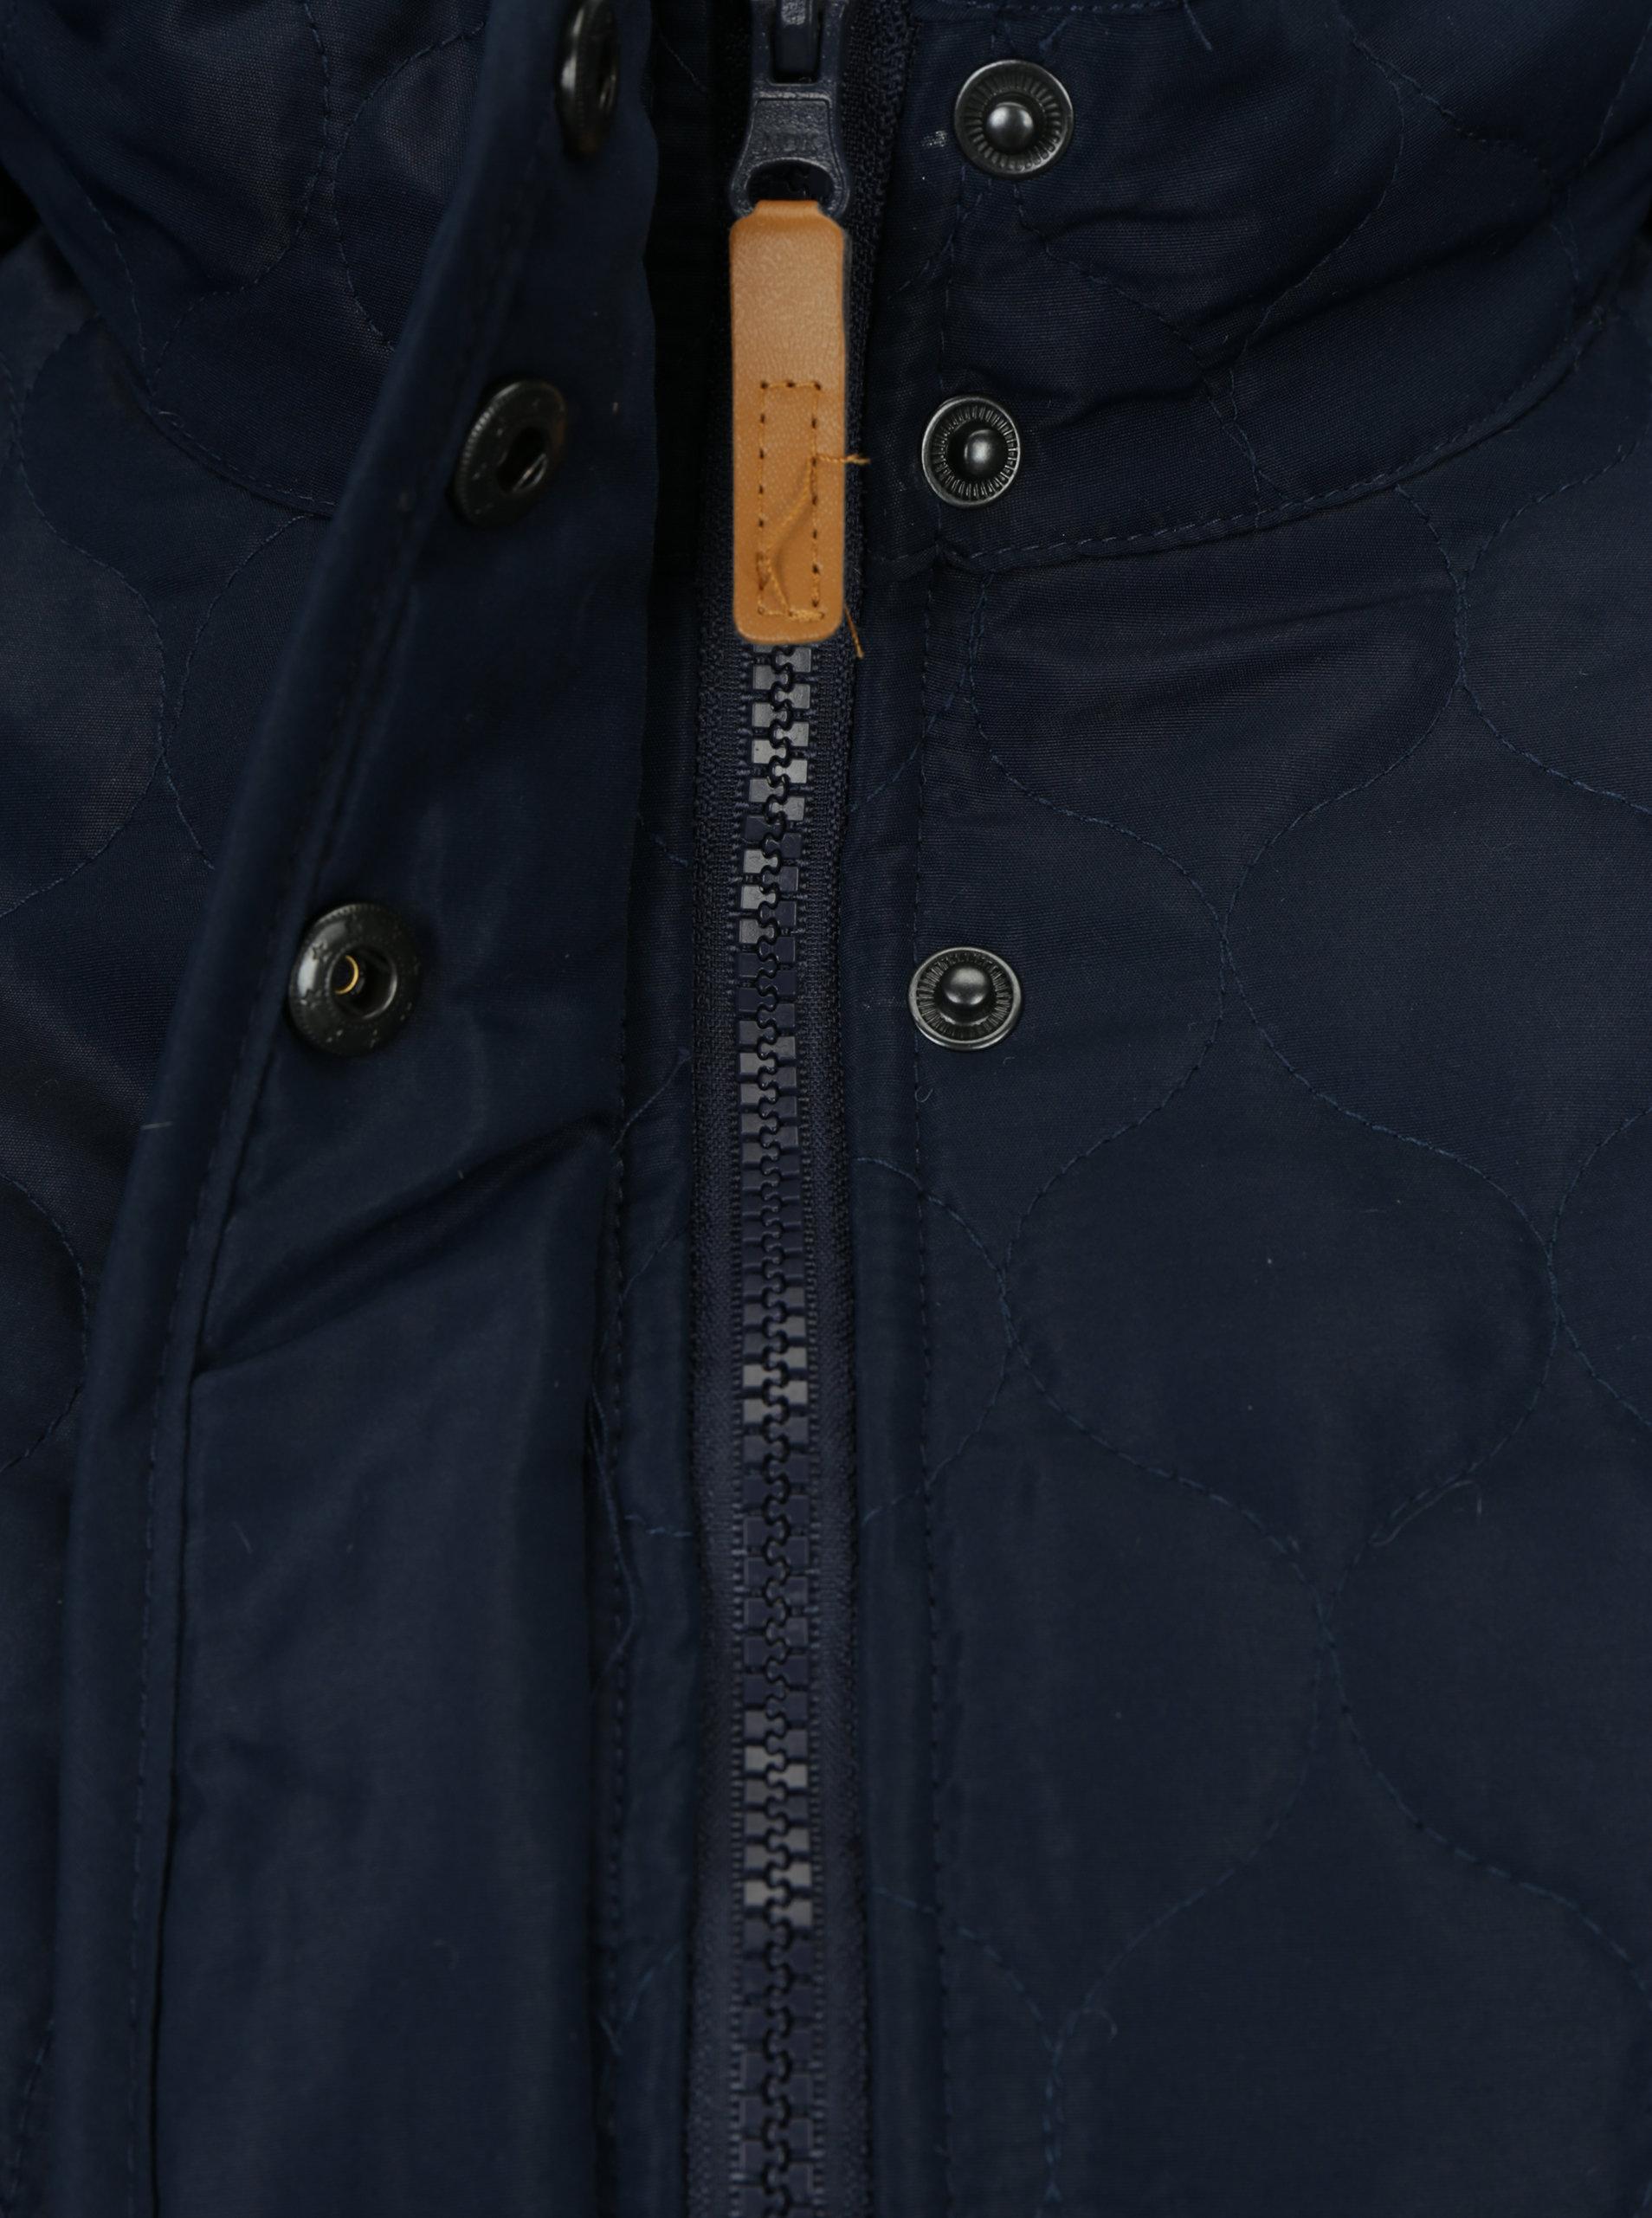 Tmavomodrá prešívaná funkčná bunda s kapucňou M Co ... 0c5ae9777c7